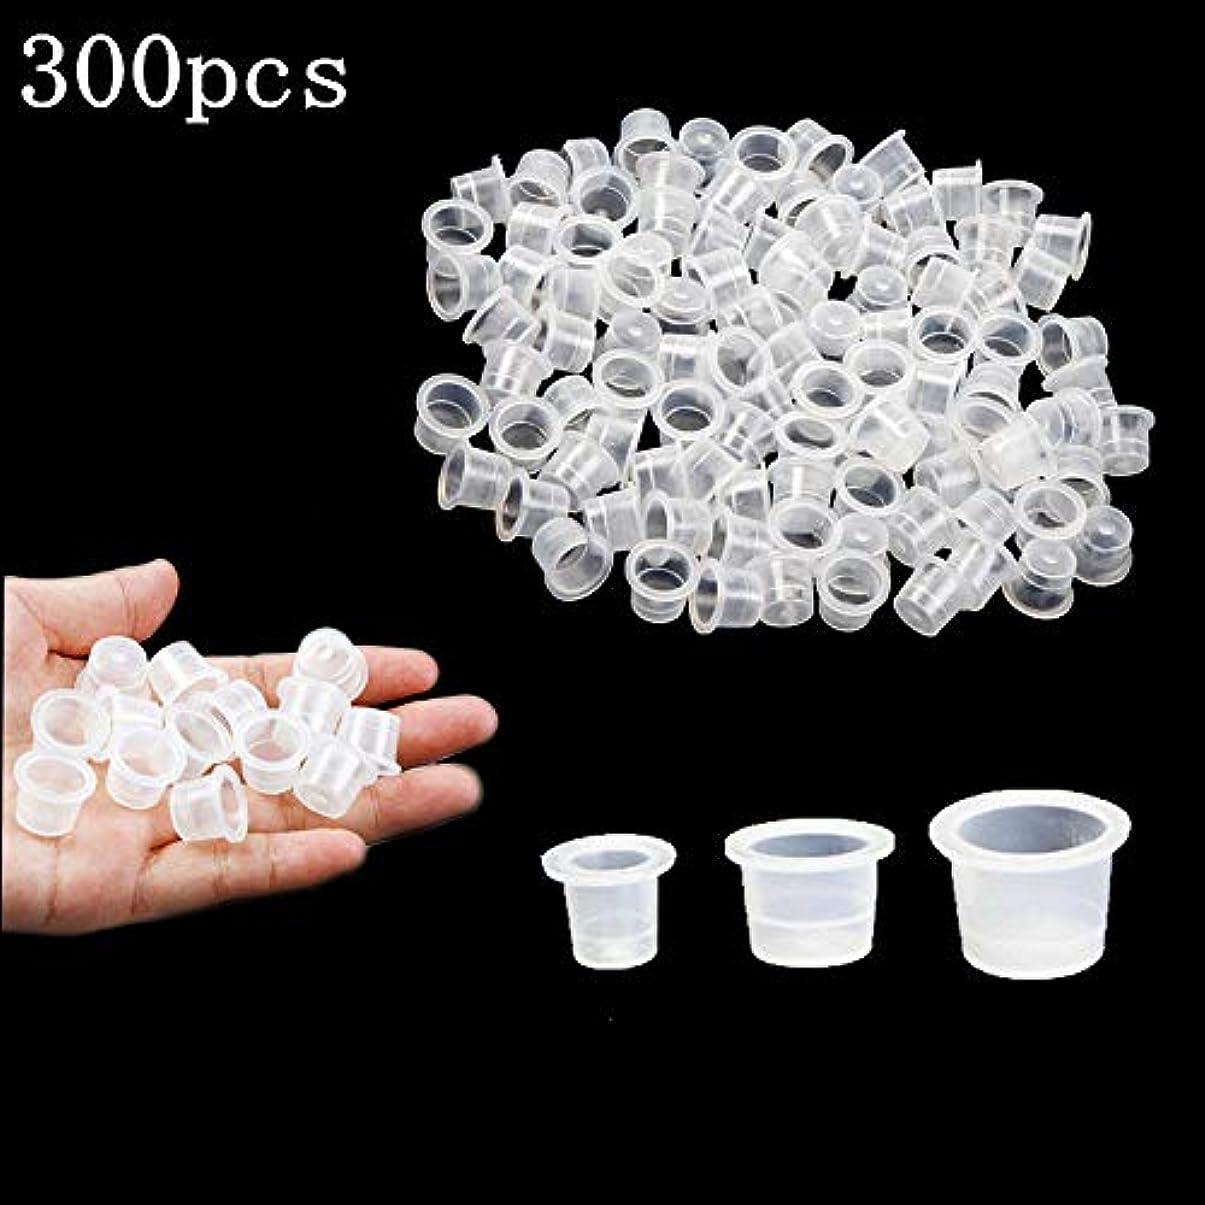 エレガントメイエラメンテナンスKingsie インクキャップ 300個セット タトゥーインクカップ 使い捨て ホワイト 半透明 S/M/L